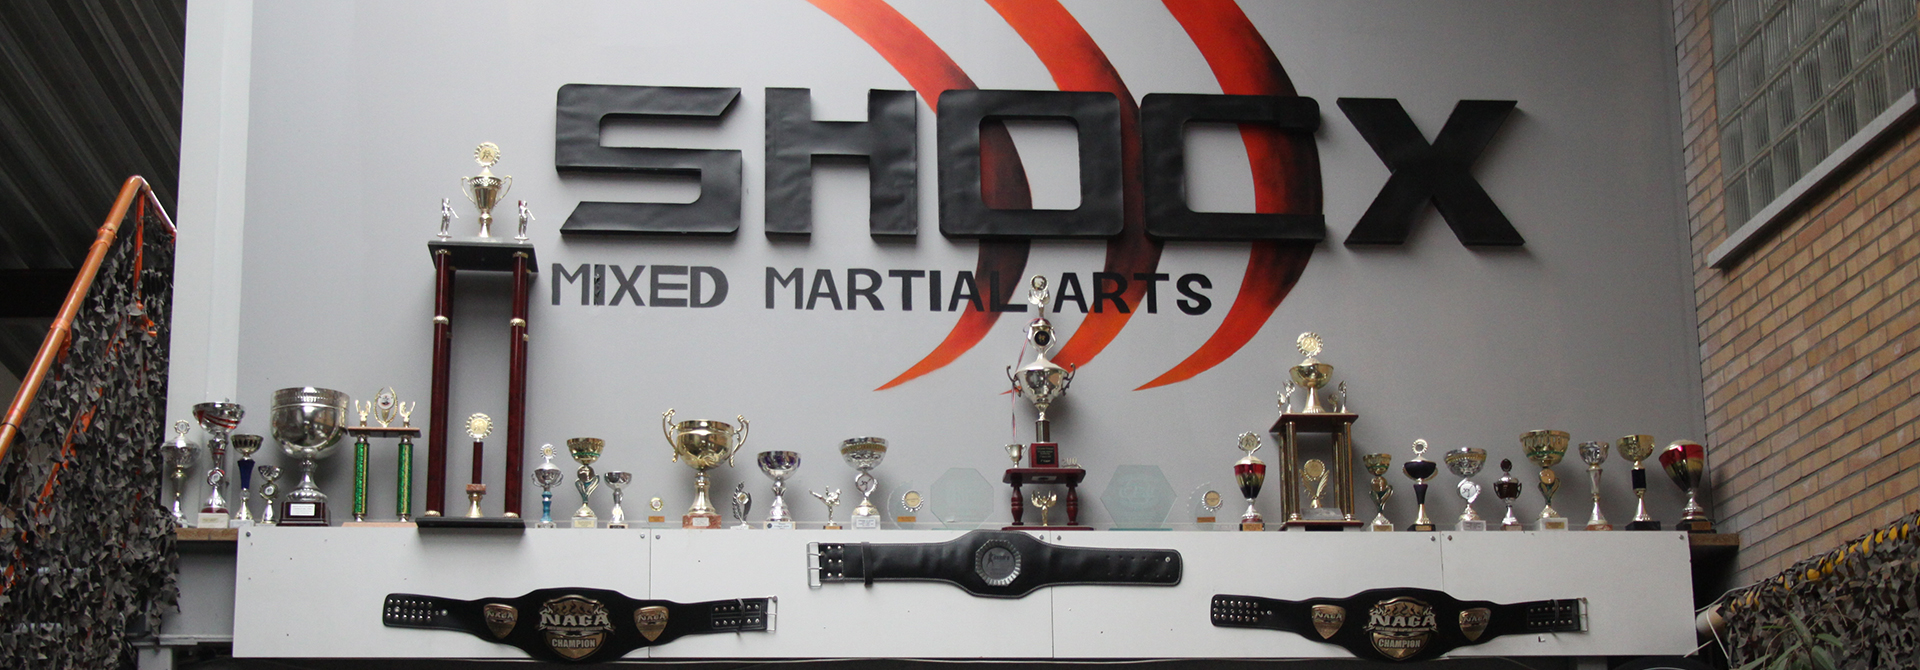 cours de Cross training · Muaythaï · Jiu Jitsu · Salle de Boxe · Judo · Zumba · Fitness · Capoeira · arts martiaux pour enfants à Bruxelles